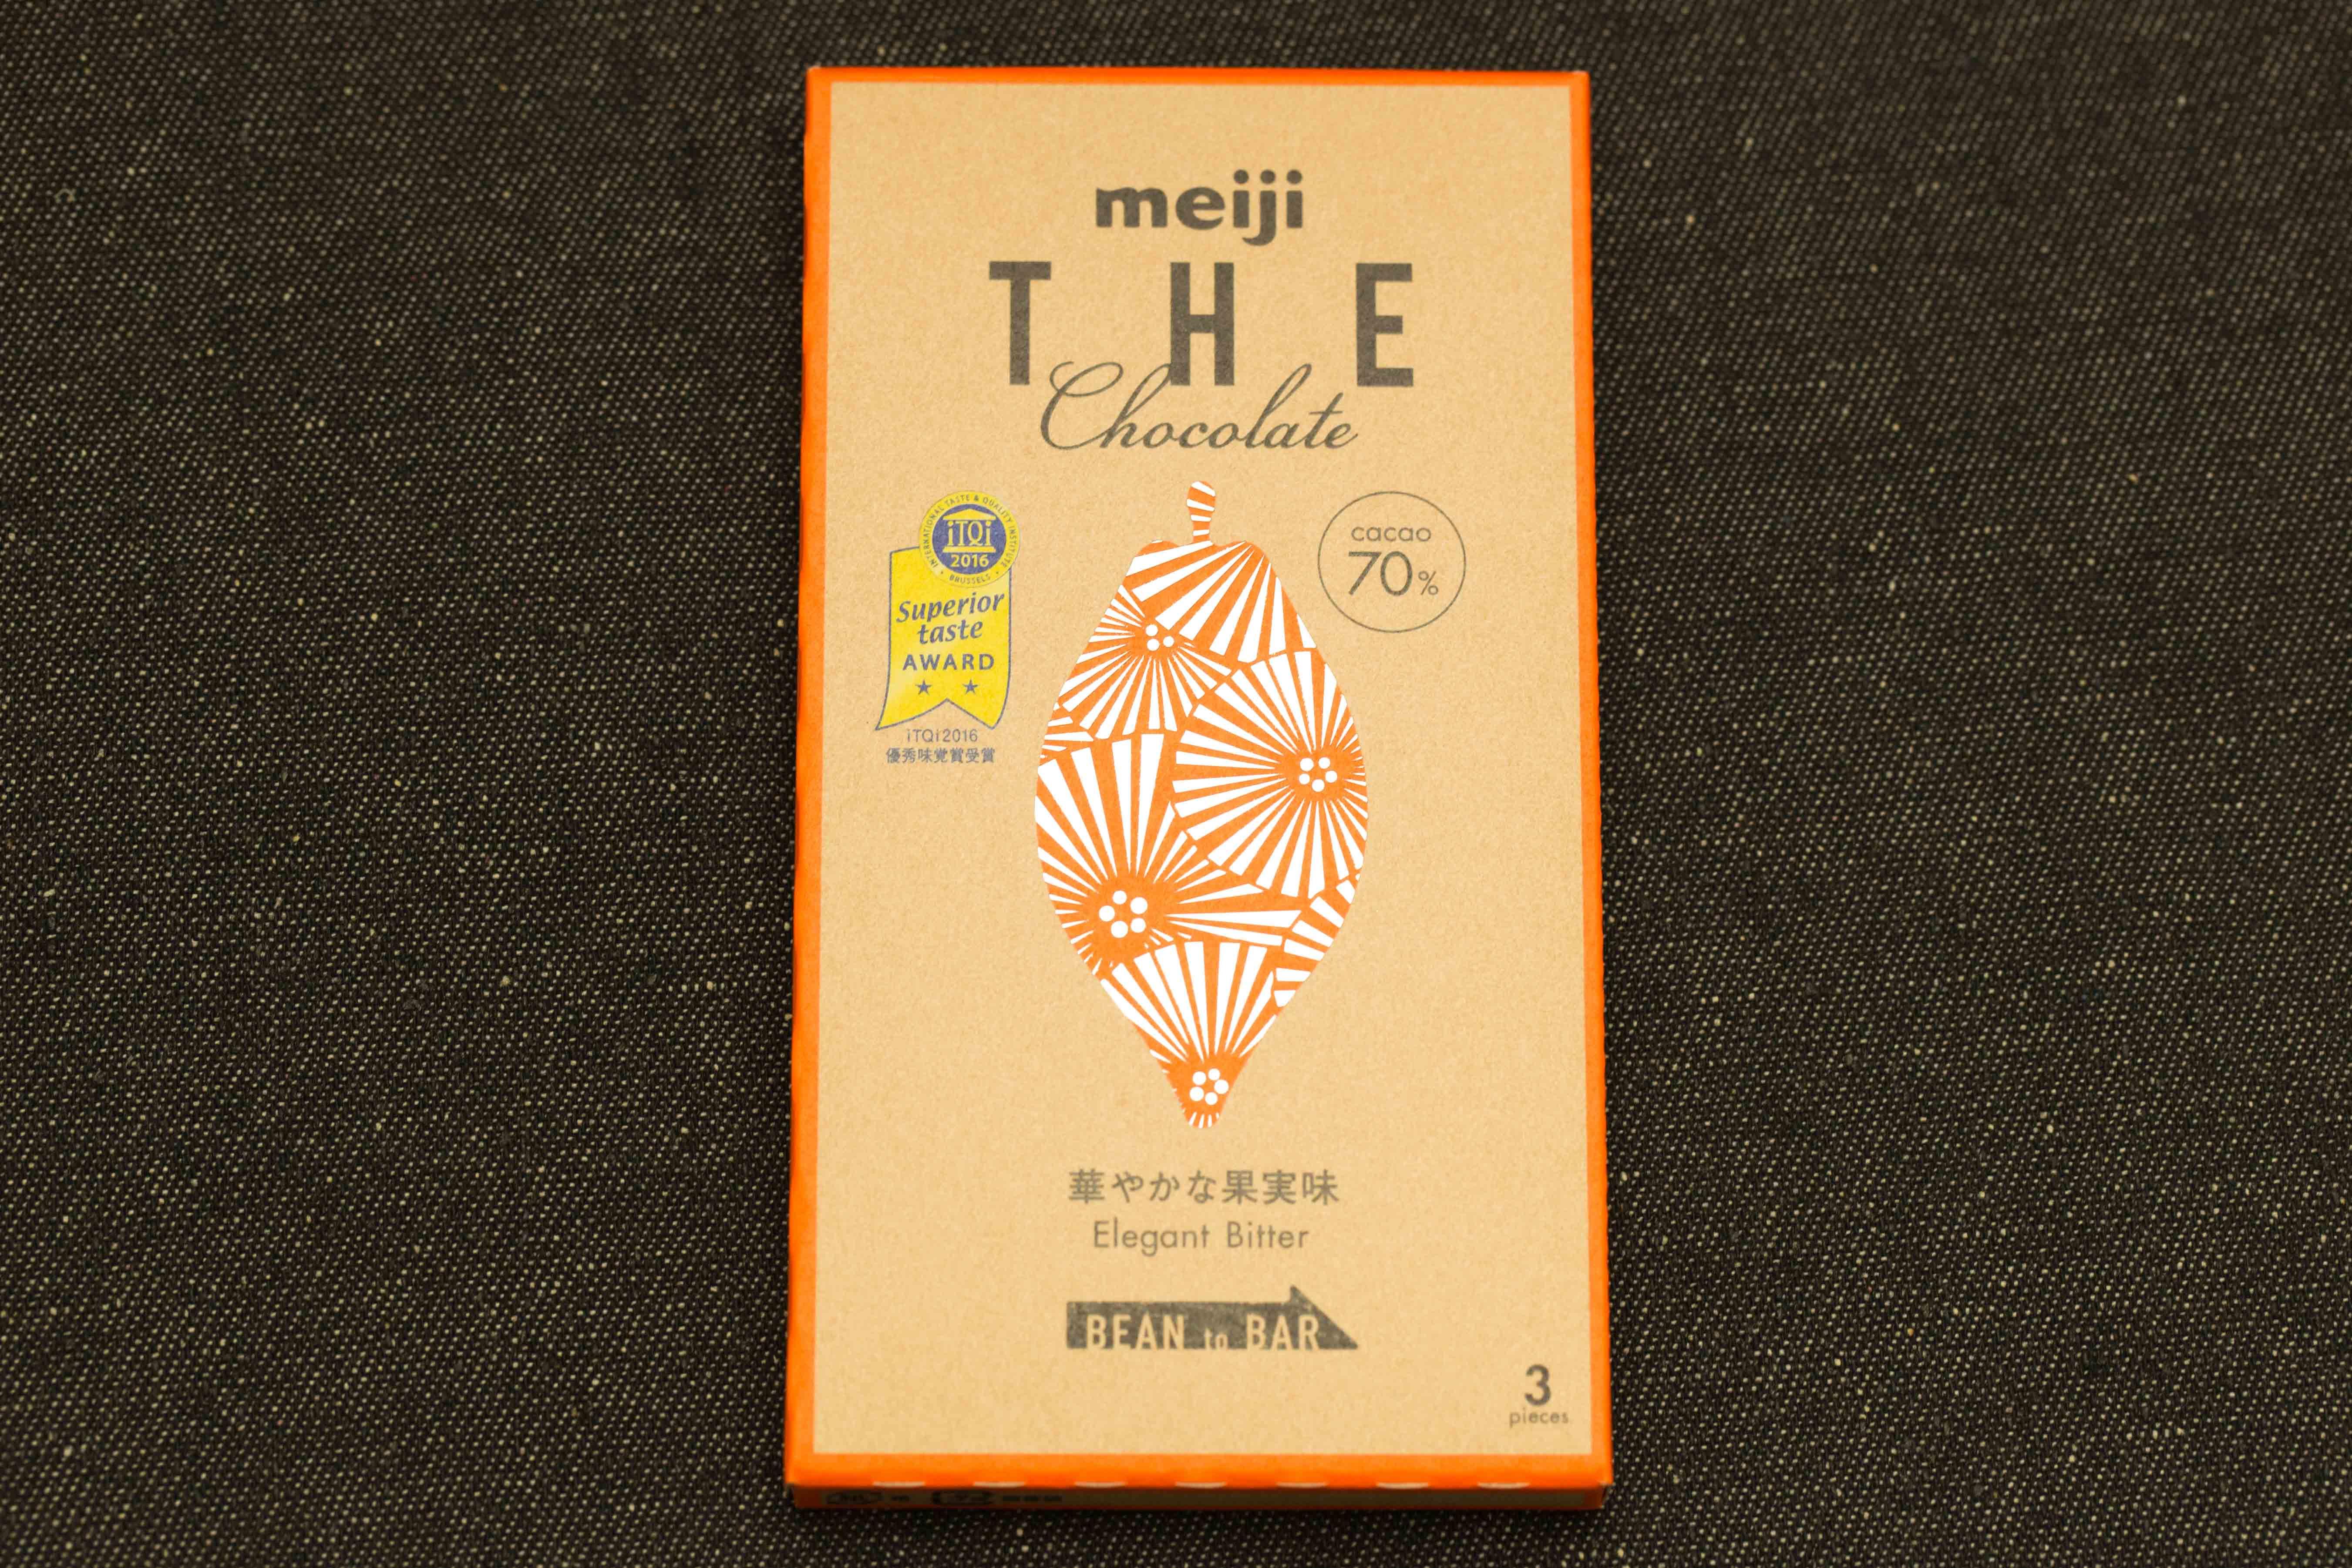 カカオの香りを楽しむ。meiji THE Chocolate(明治 ザ チョコレート)は新しい食べ方。